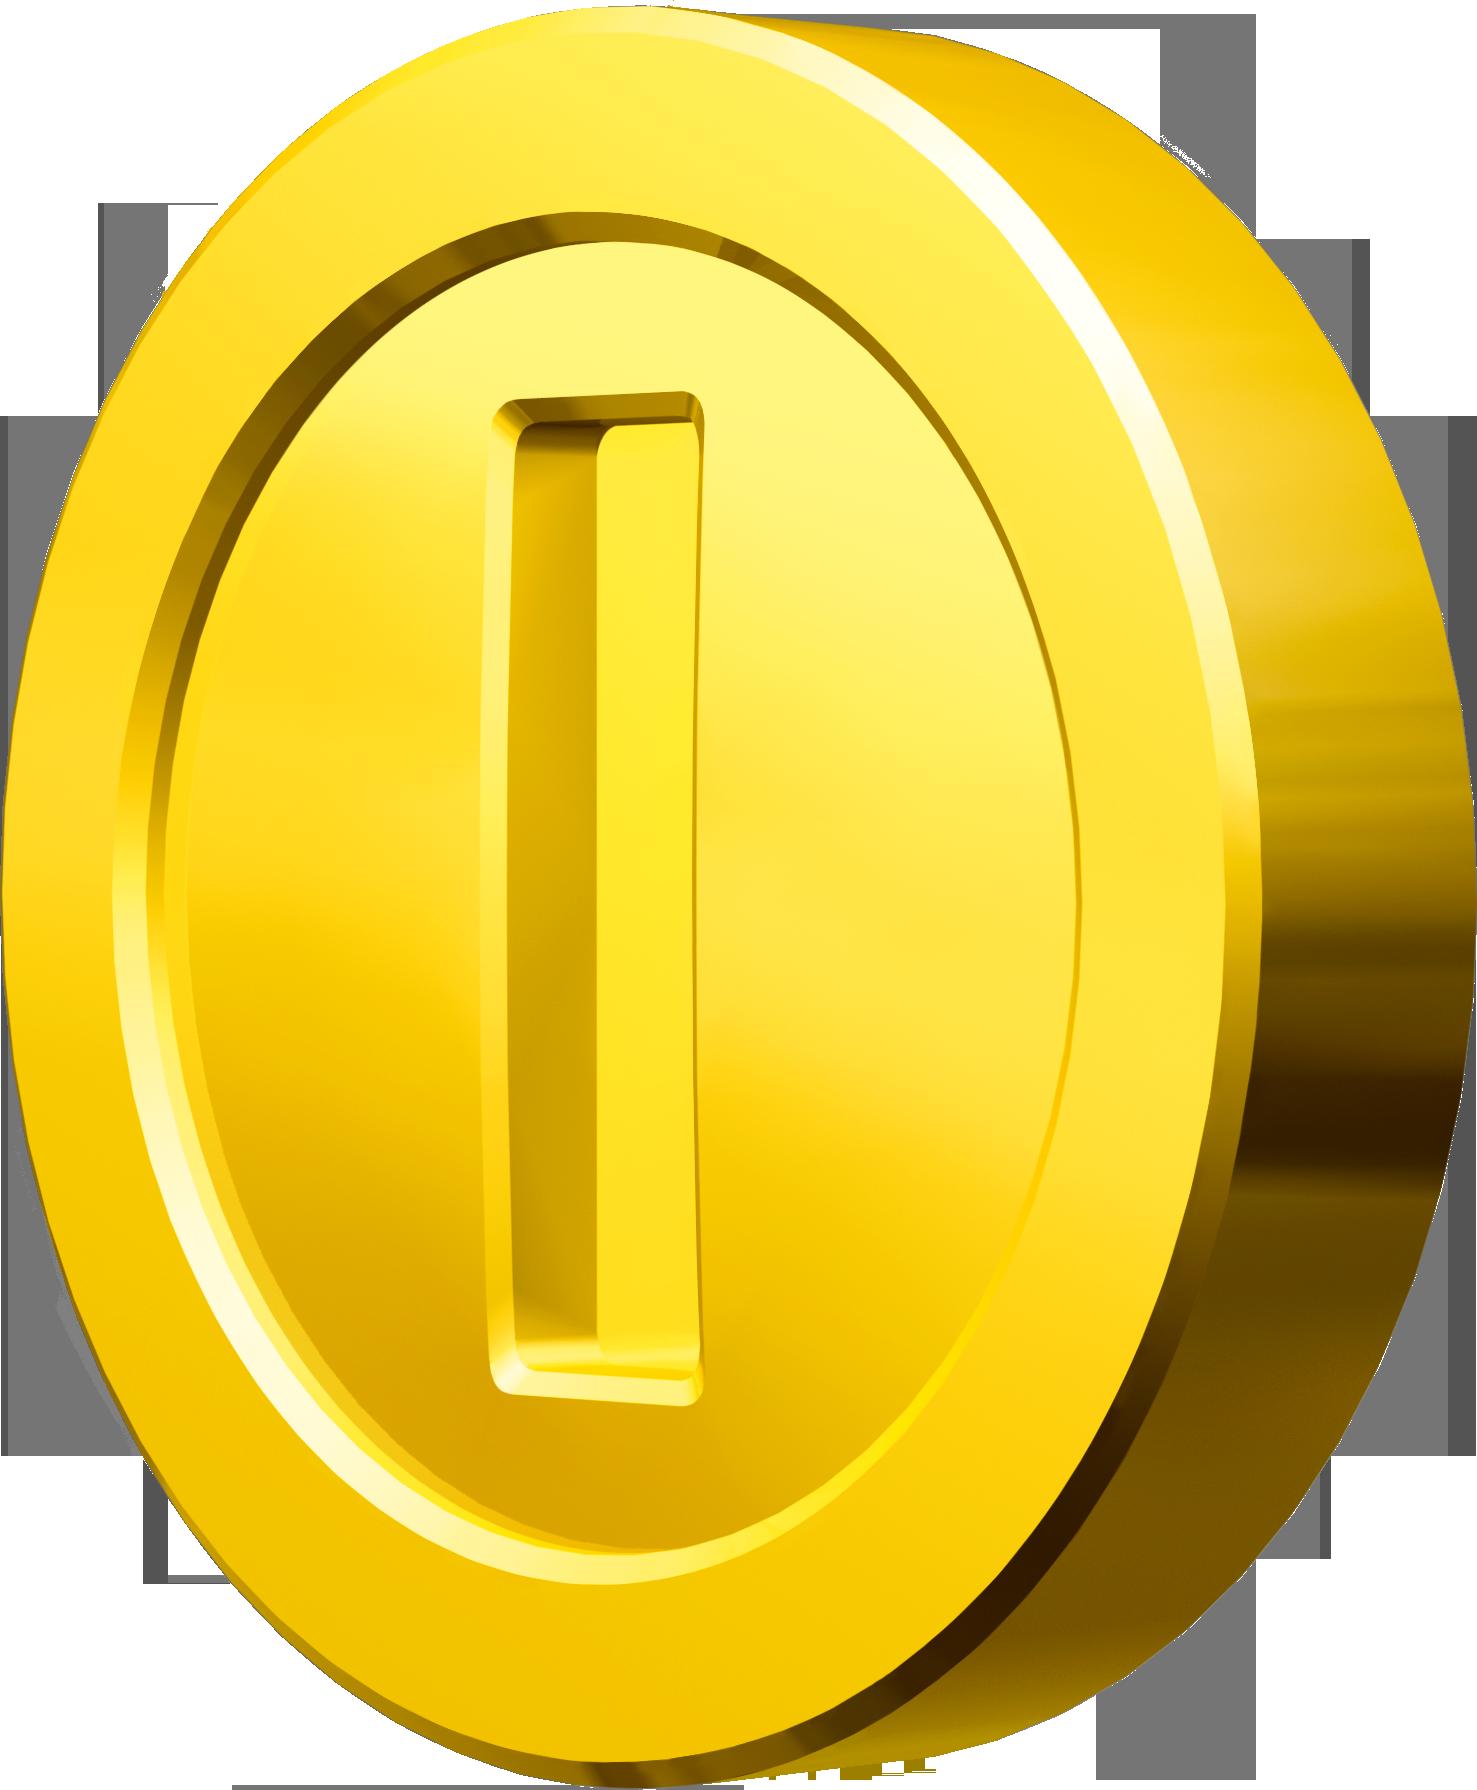 Coin mario kart racing. Coins clipart rupee